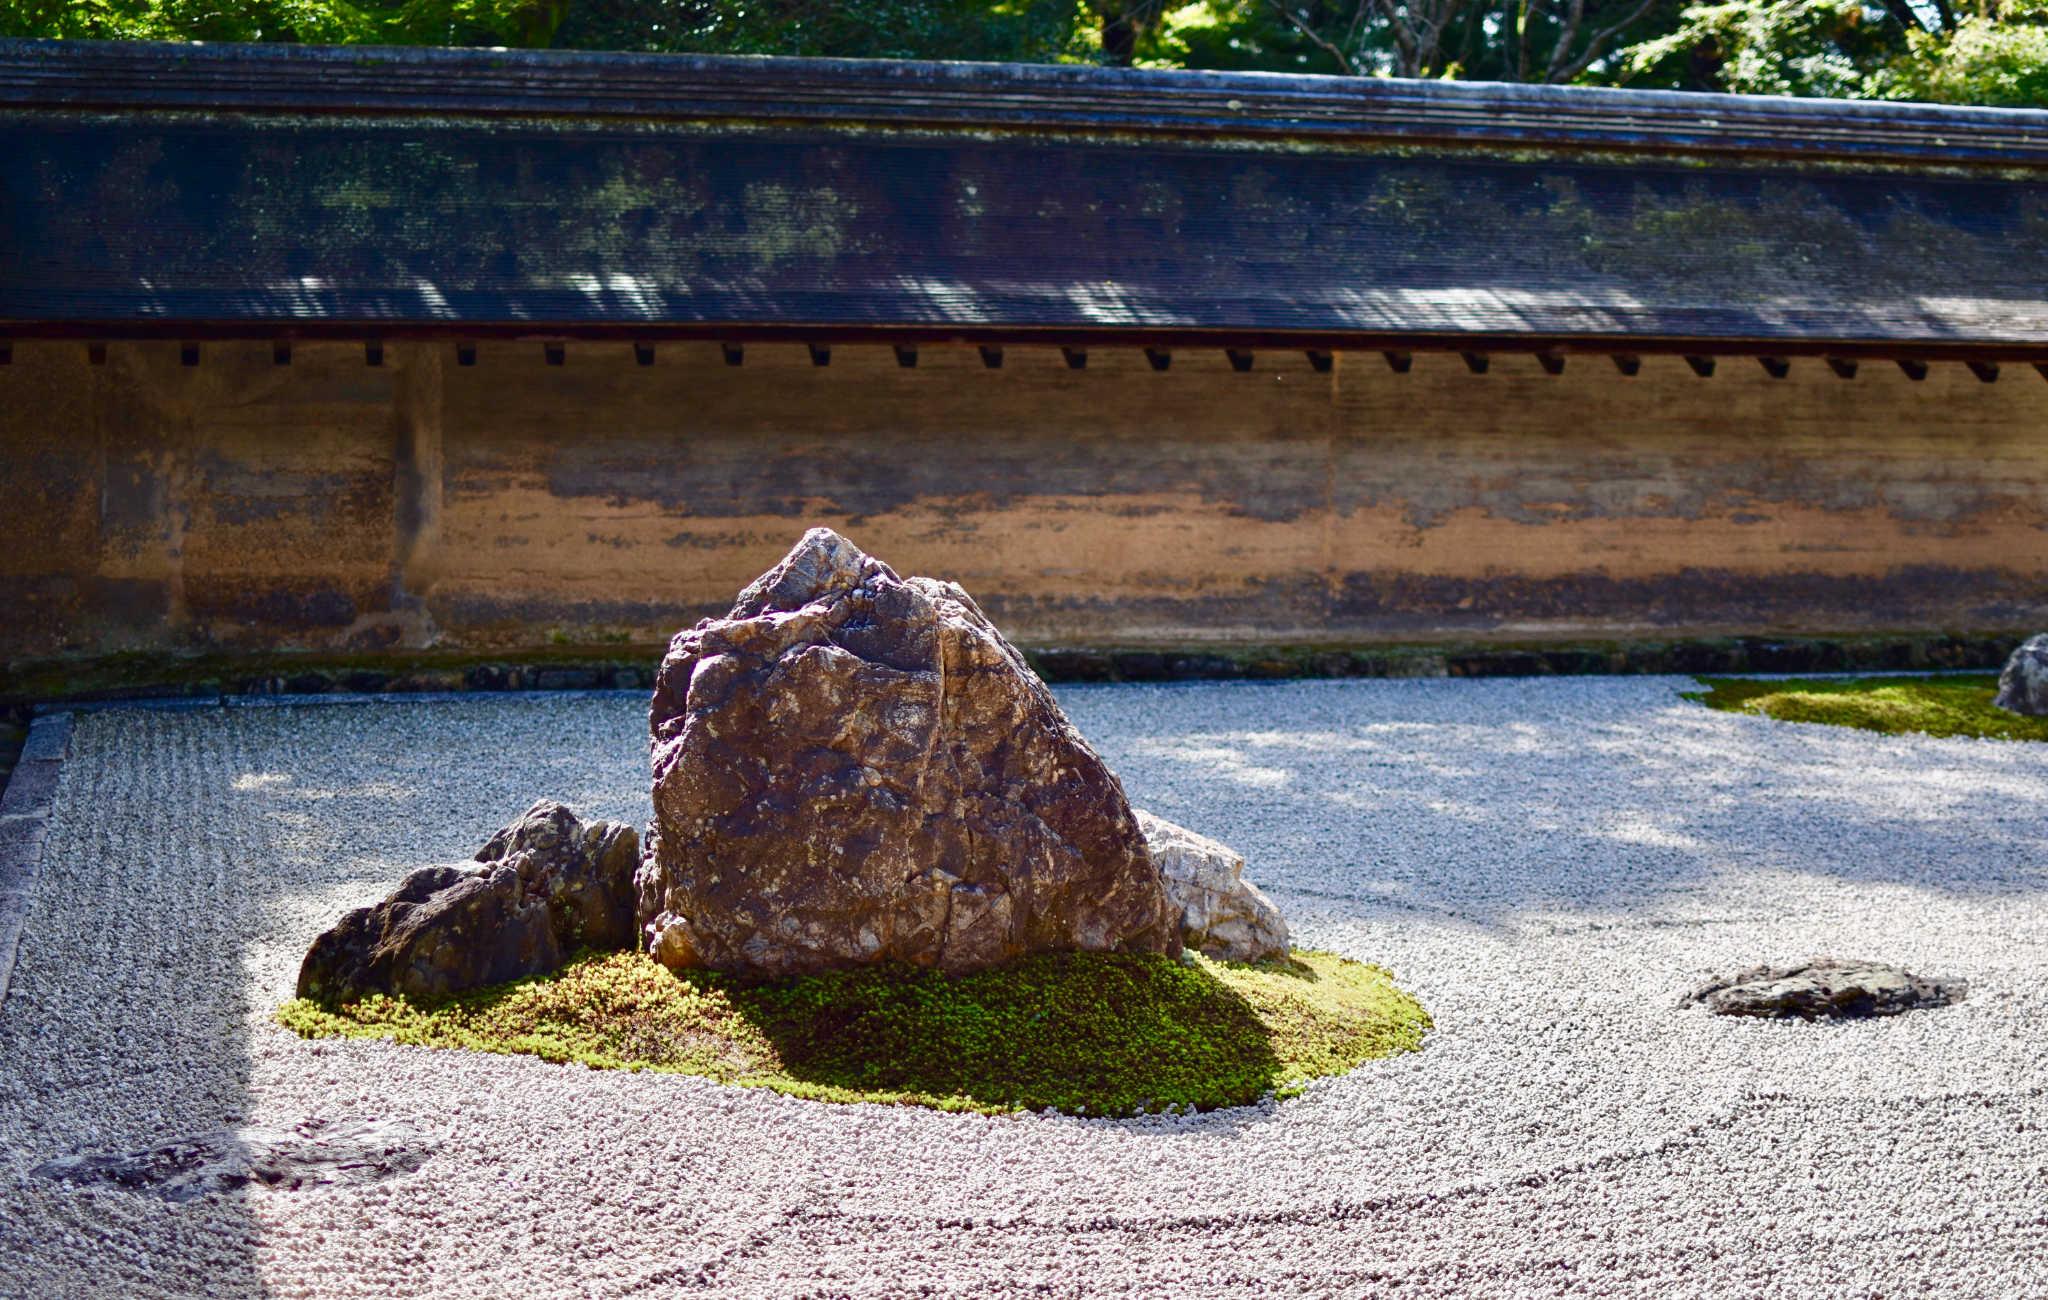 Les rochers sont regroupés et posés sur un lit de mousse